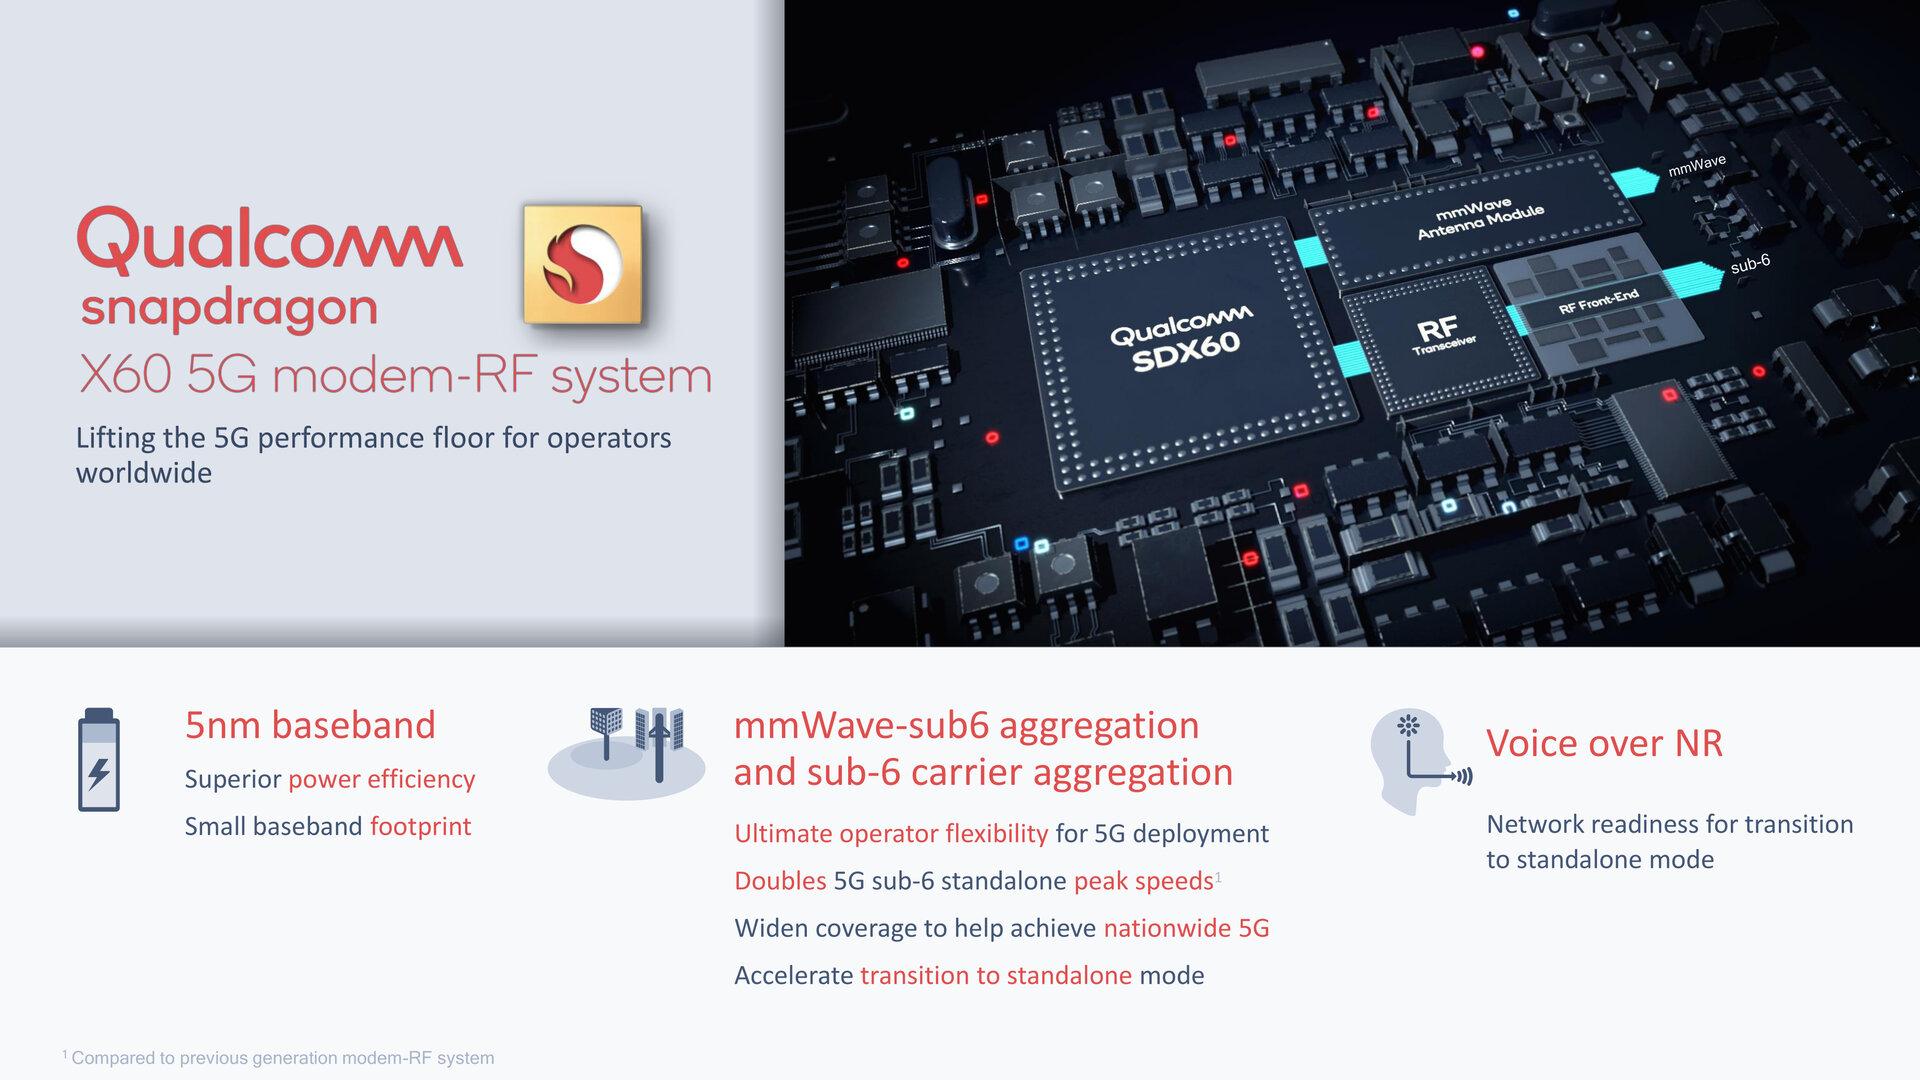 Snapdragon X60 führt erstmals VoNR ein